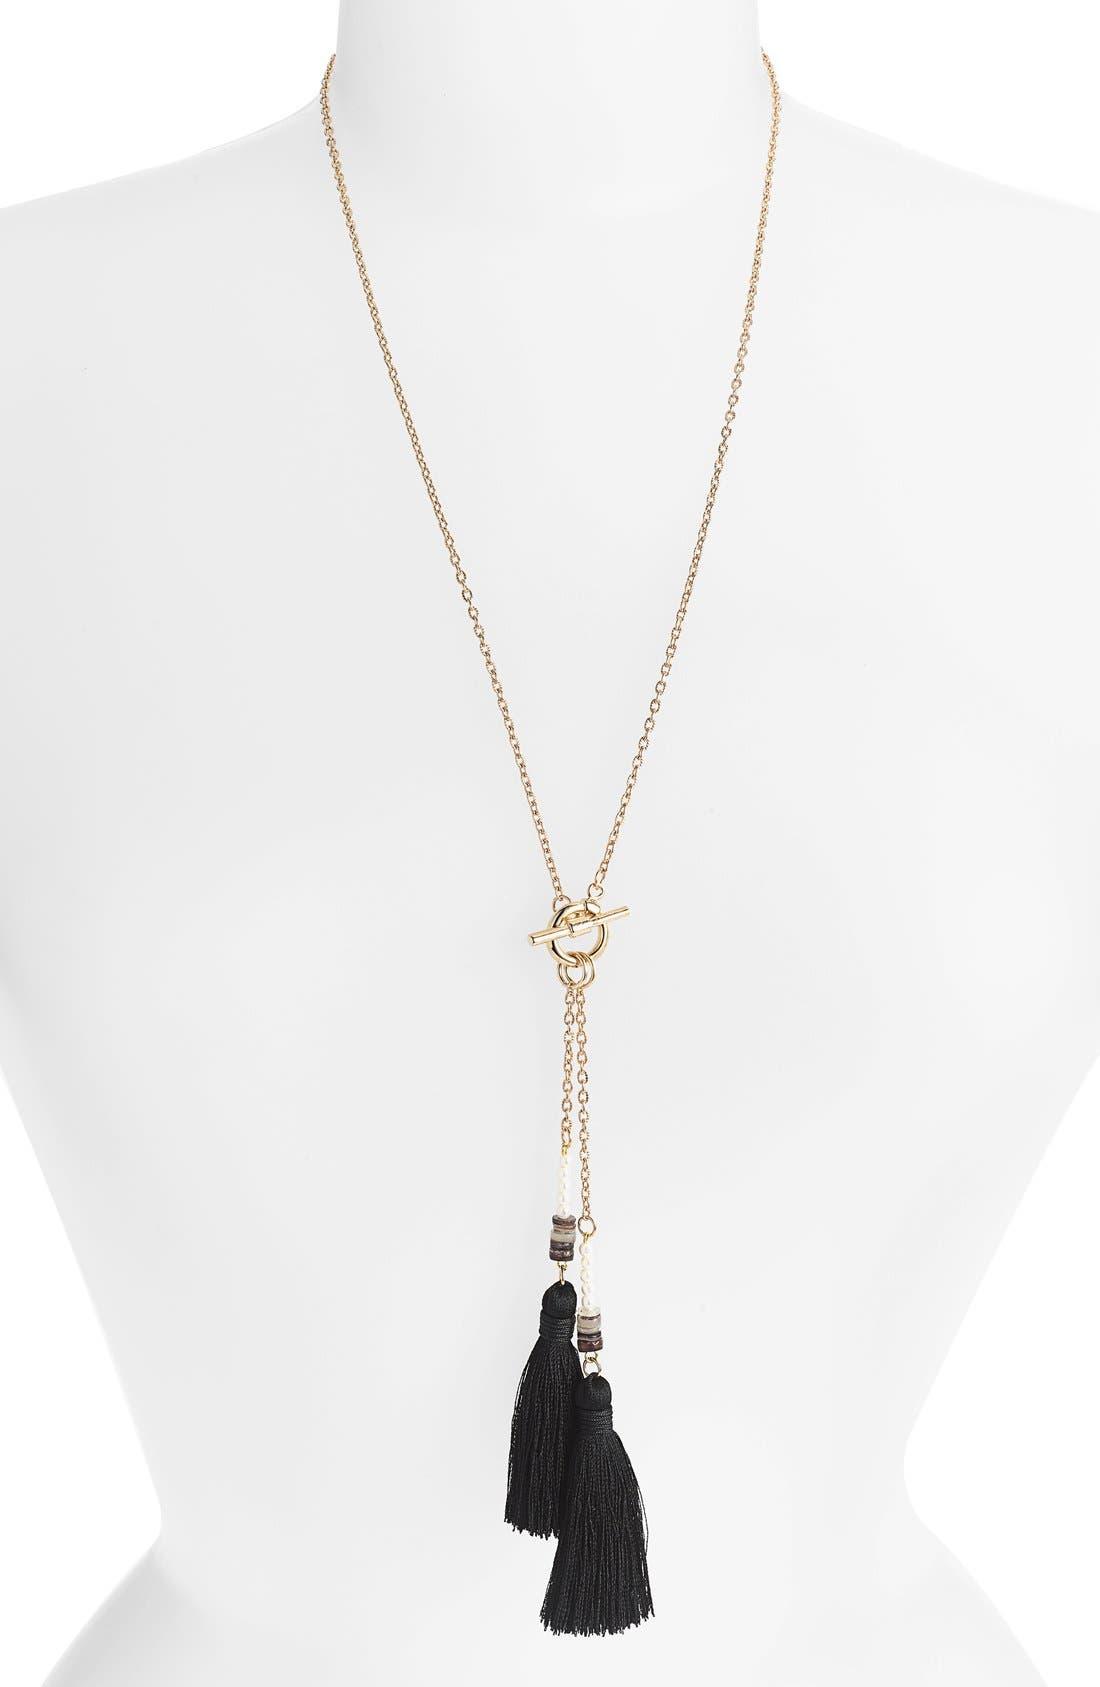 Main Image - Tildon 'Double Tassel' Pendant Necklace